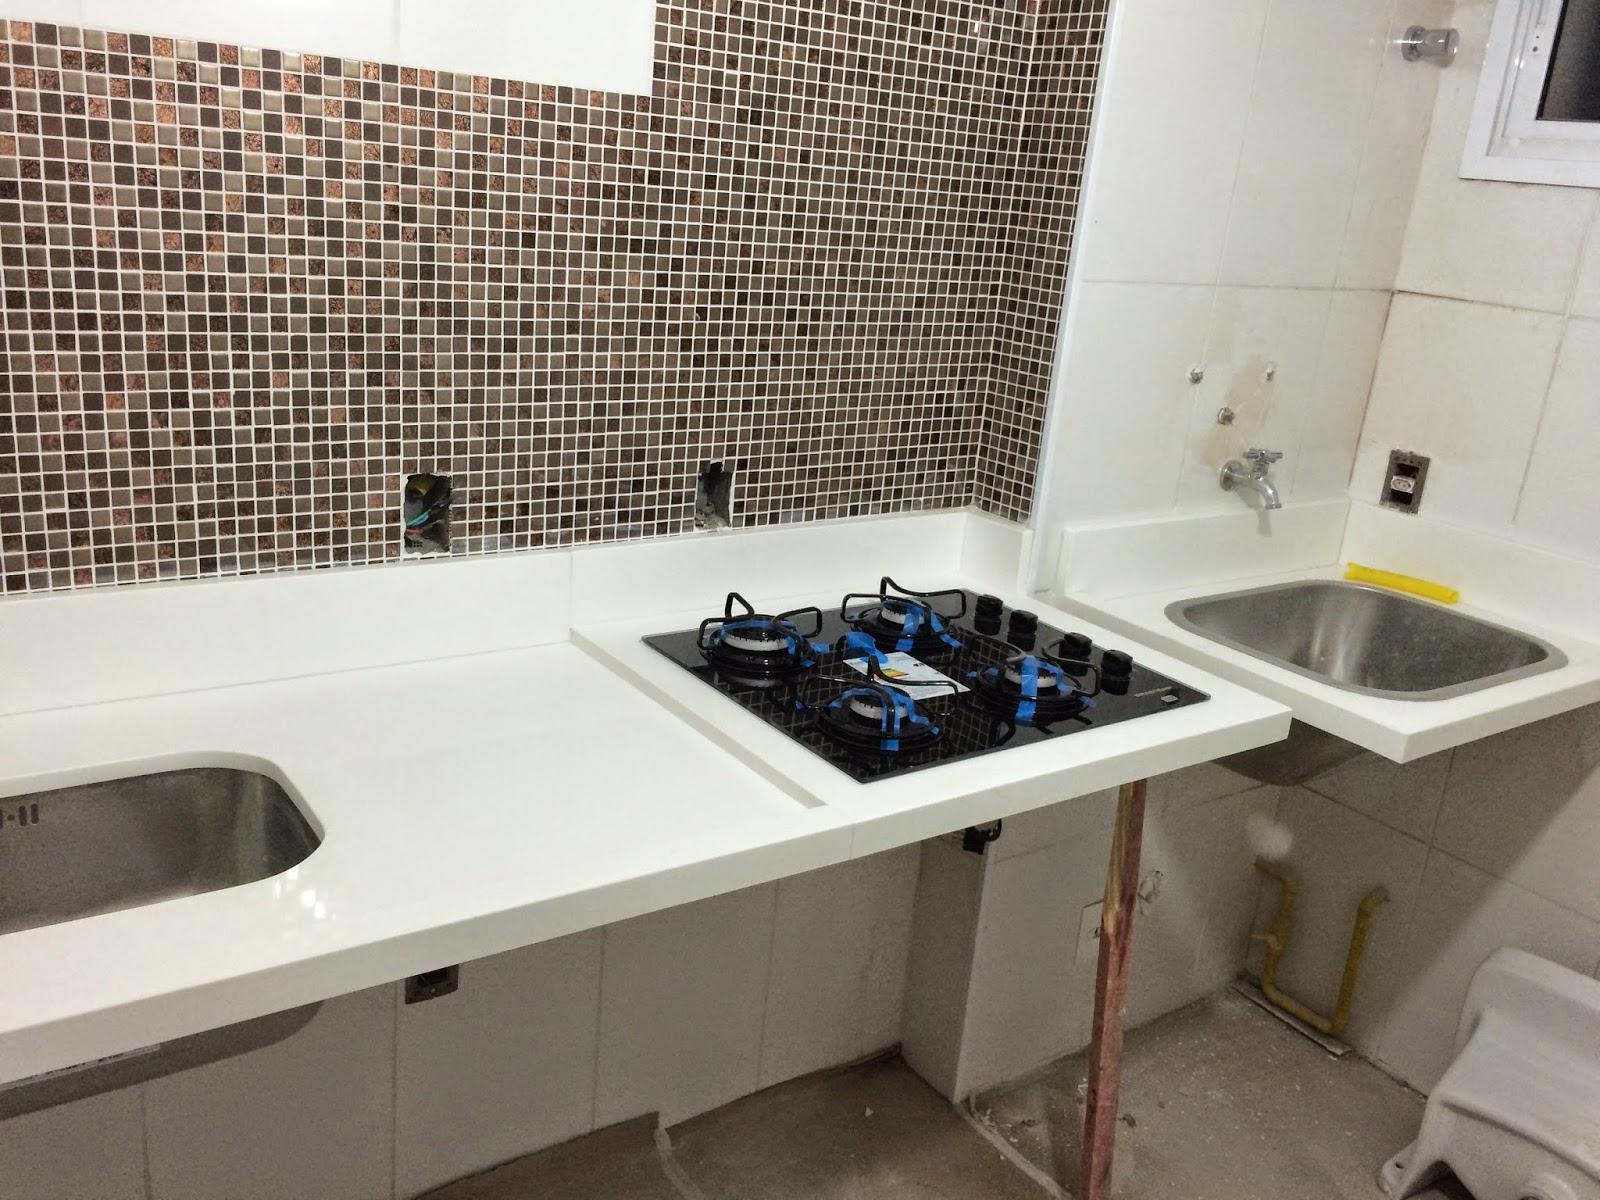 Apê 114: Bancada da Cozinha e Área de Serviço em Quartzo Branco #AD981E 1600x1200